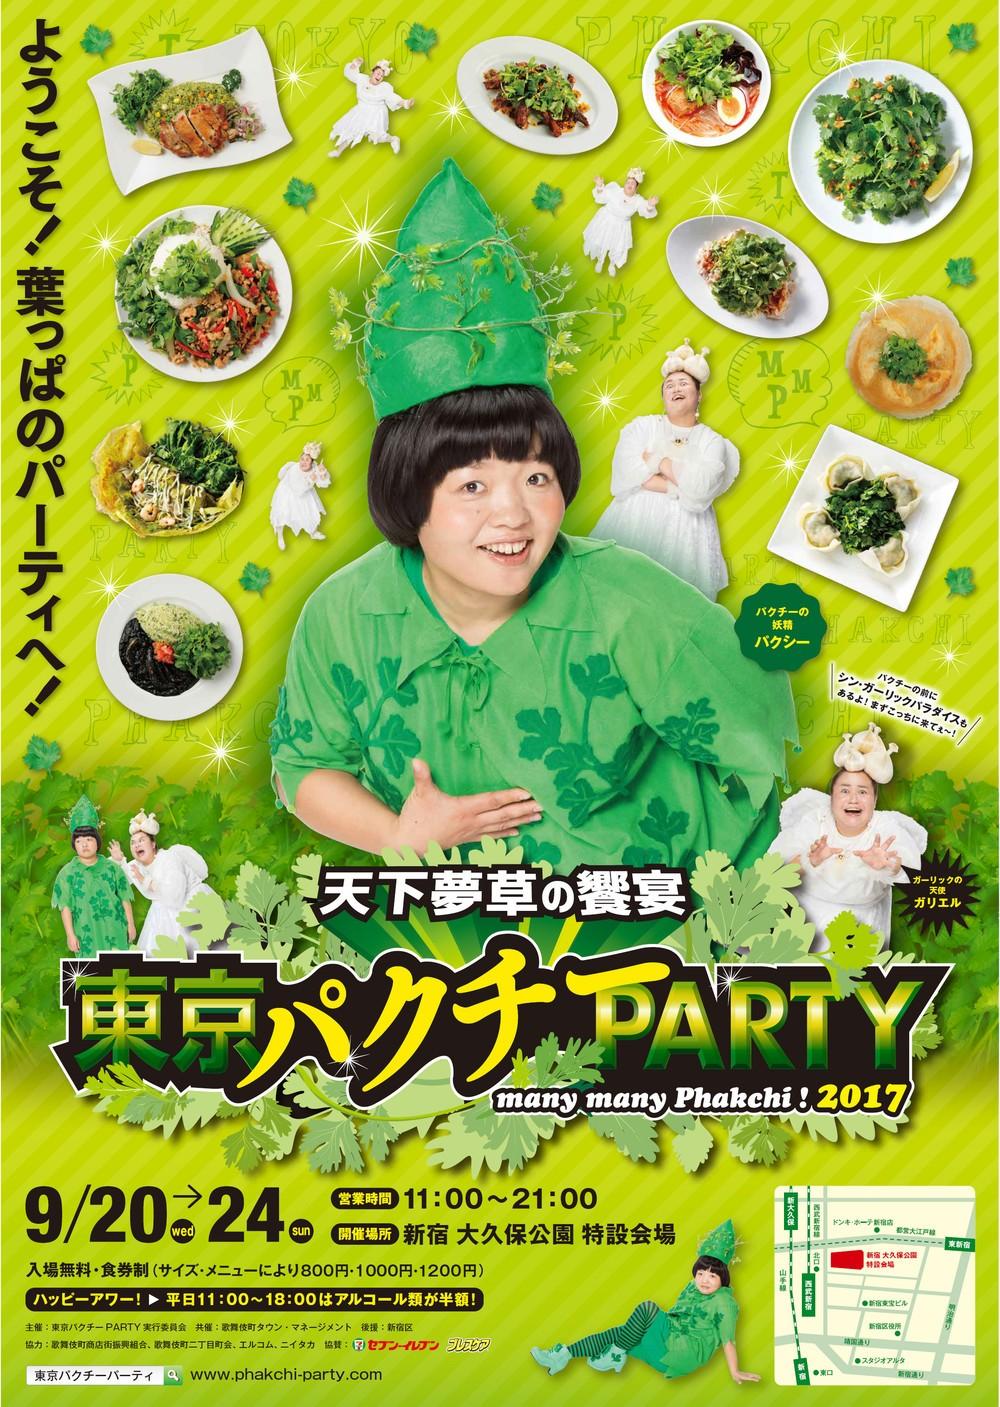 パクチーマニア歓喜! 世界10店舗のパクチー料理が並ぶ「東京パクチーPARTY」